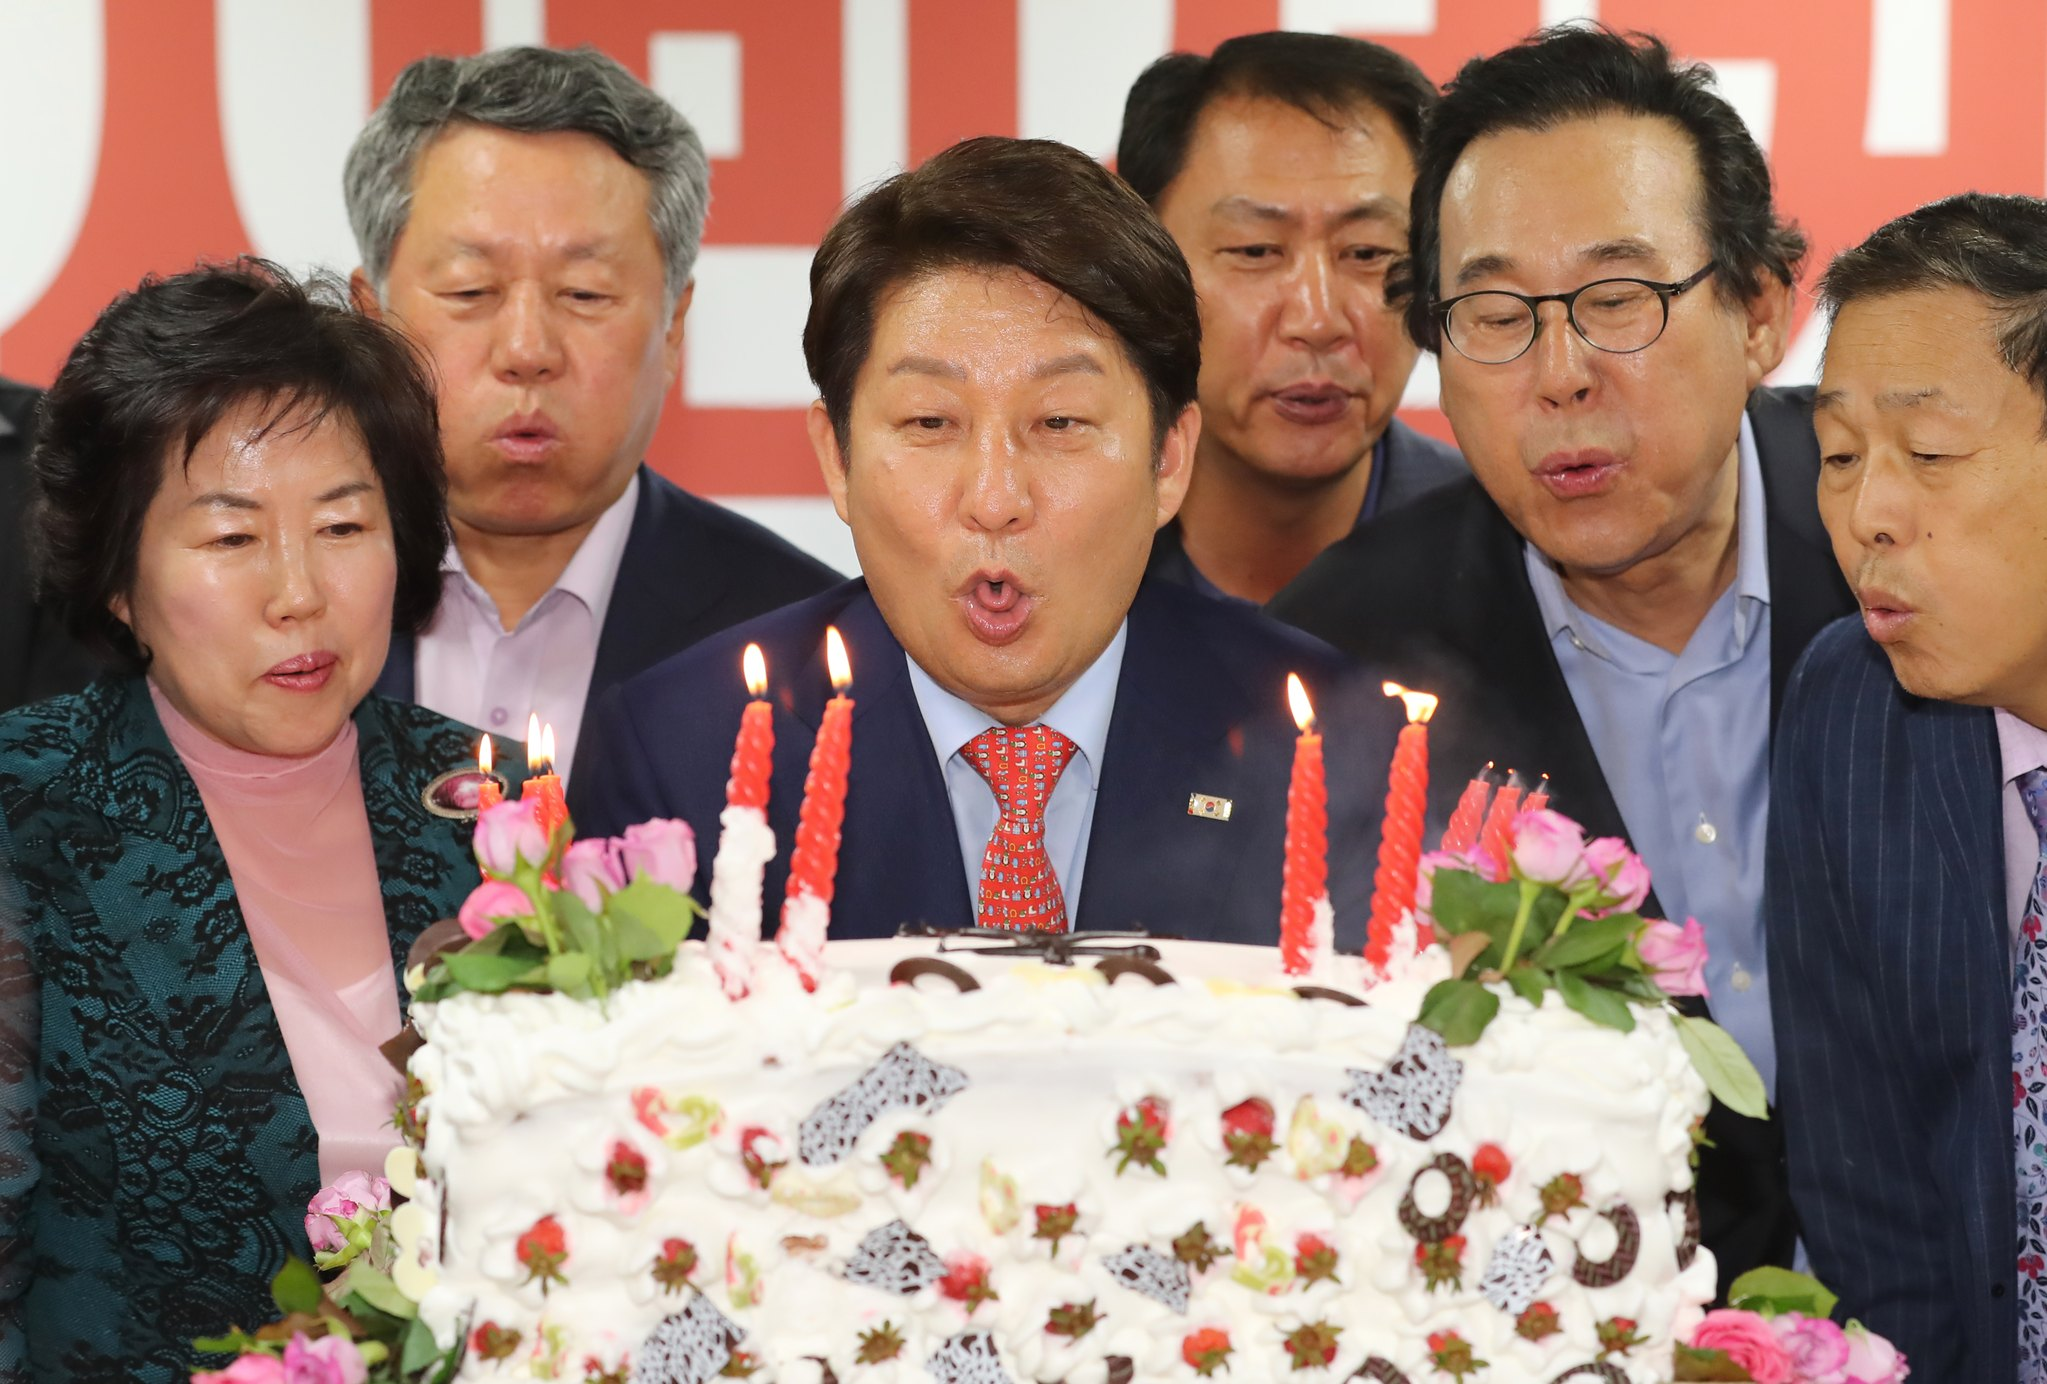 권영진 자유한국당 대구시장 후보가 13일 오후 대구 수성구 범어동 진심캠프에서 6·13 지방선거 당선이 유력해지자 지지자들이 축하하는 의미로 준비한 케이크의 촛불을 끄고 있다. [뉴스1]